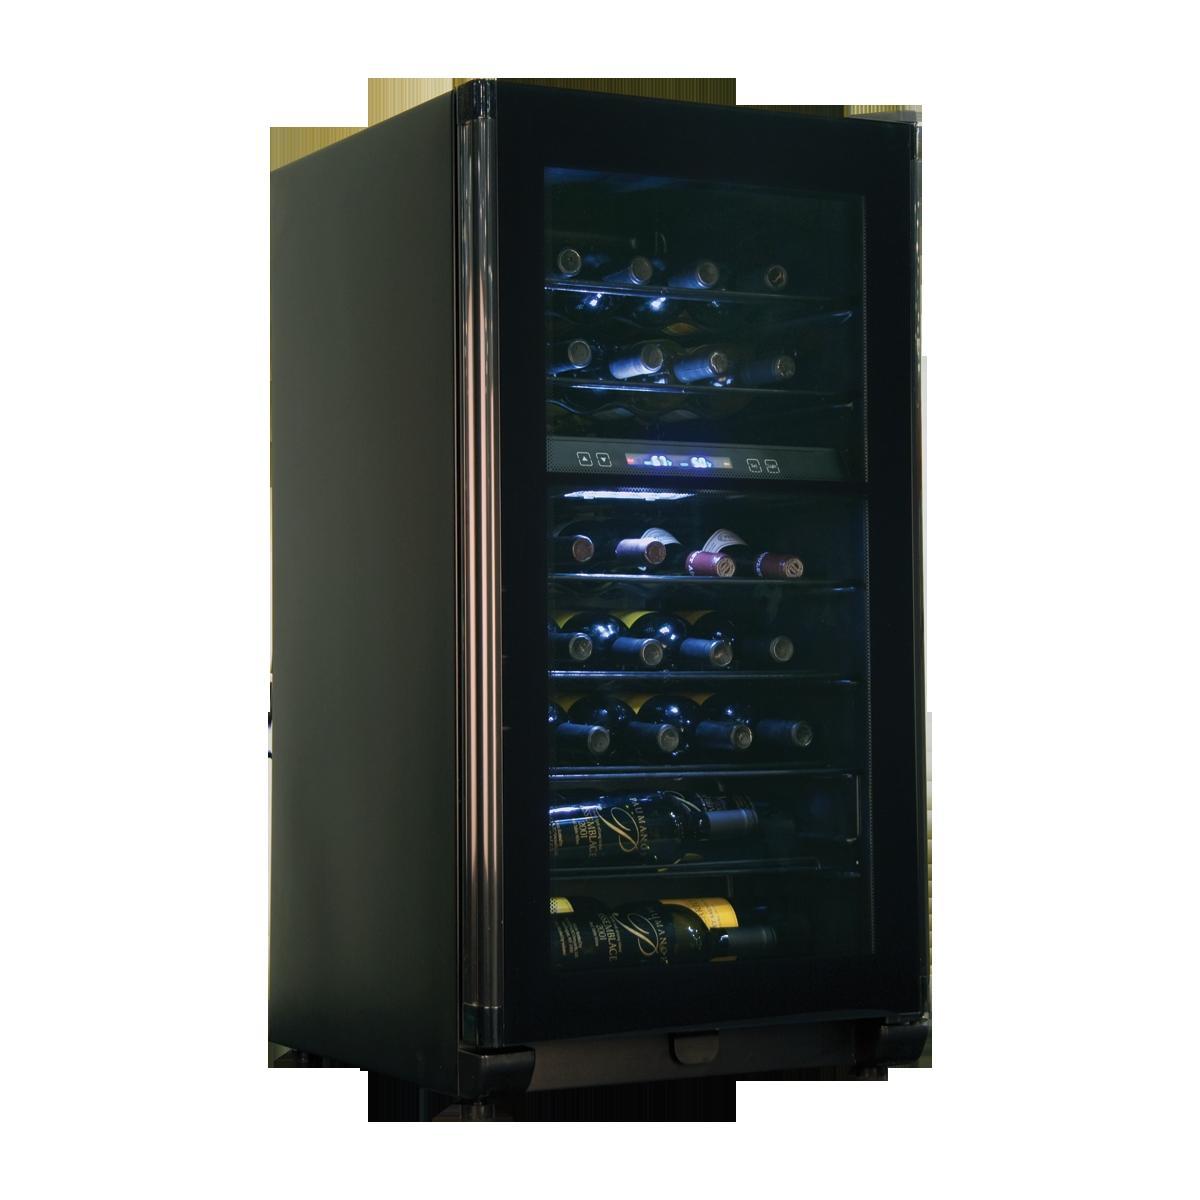 Hvfe040bbb Haier Hvfe040bbb Full Size Wine Coolers